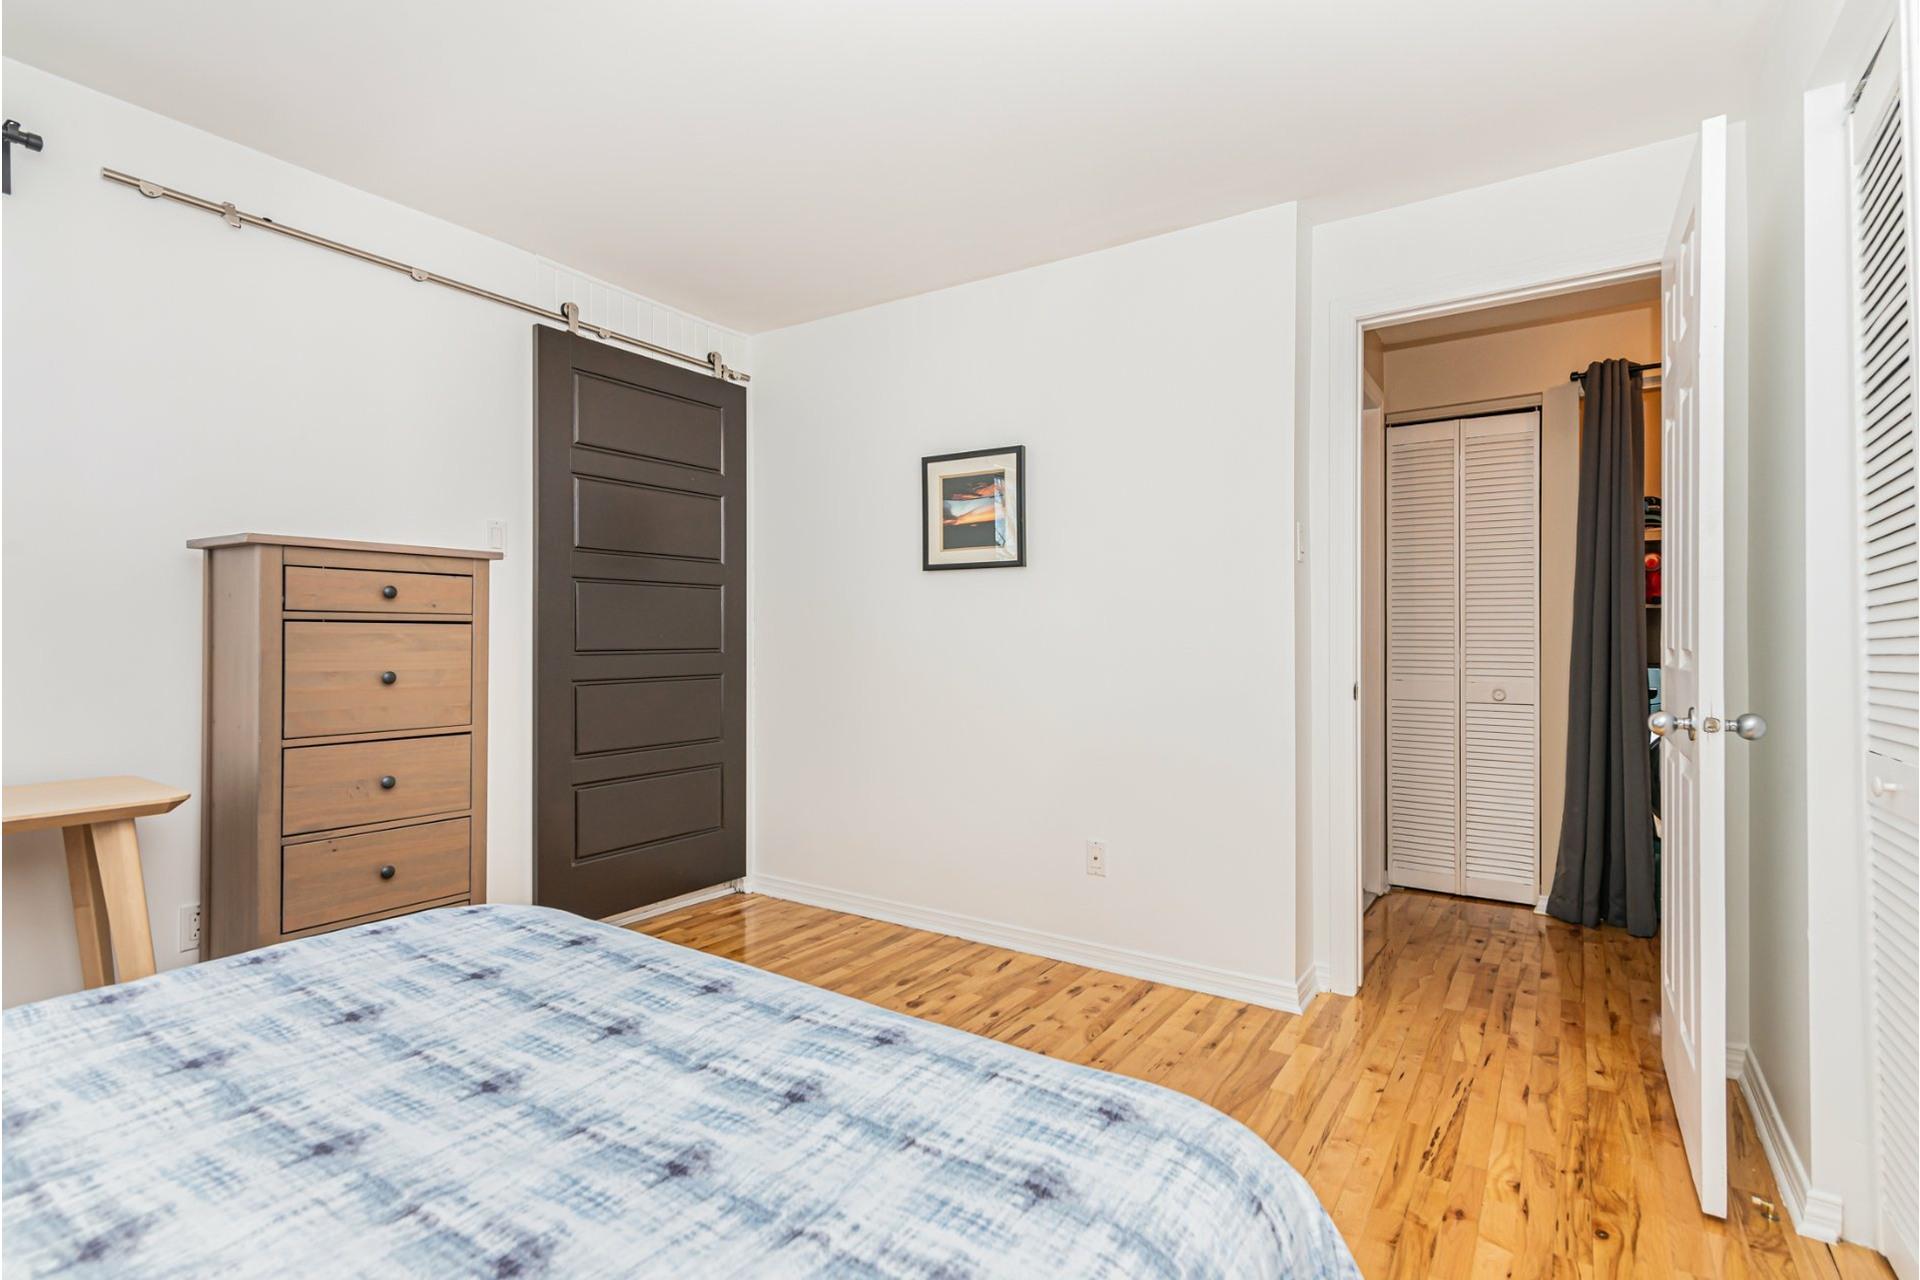 image 8 - Appartement À louer Lachine Montréal  - 4 pièces